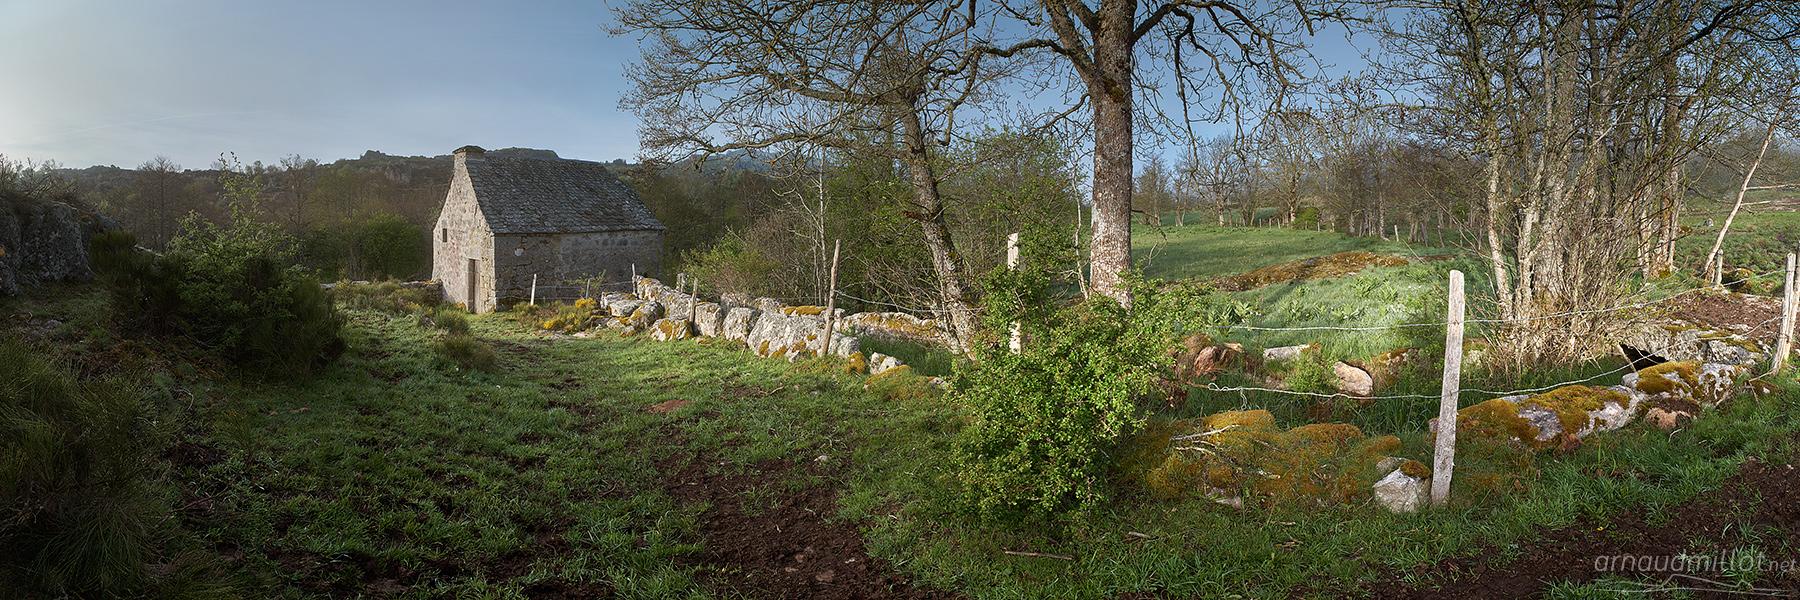 Moulin sur le ruisseau de la Cabre, Recoules d'Aubrac, Cantal, Mai